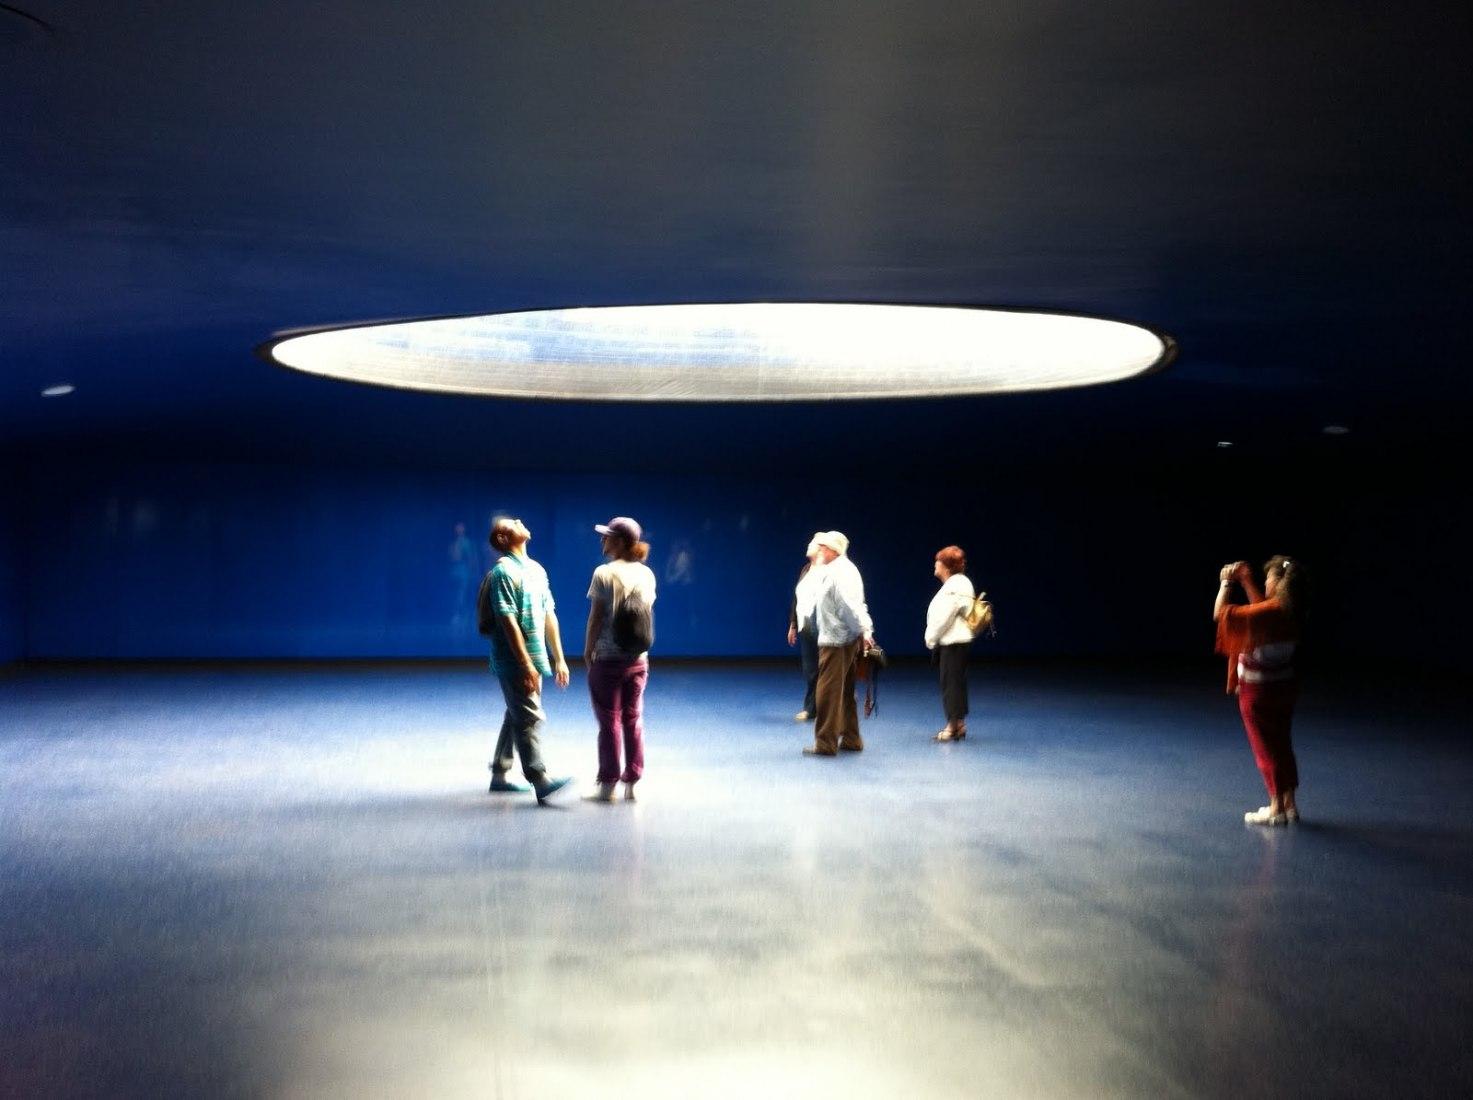 Interior.11-M monumetno por Estudio SIC en Atocha, Madrid, 2007. Fotografía © Roland halbe.